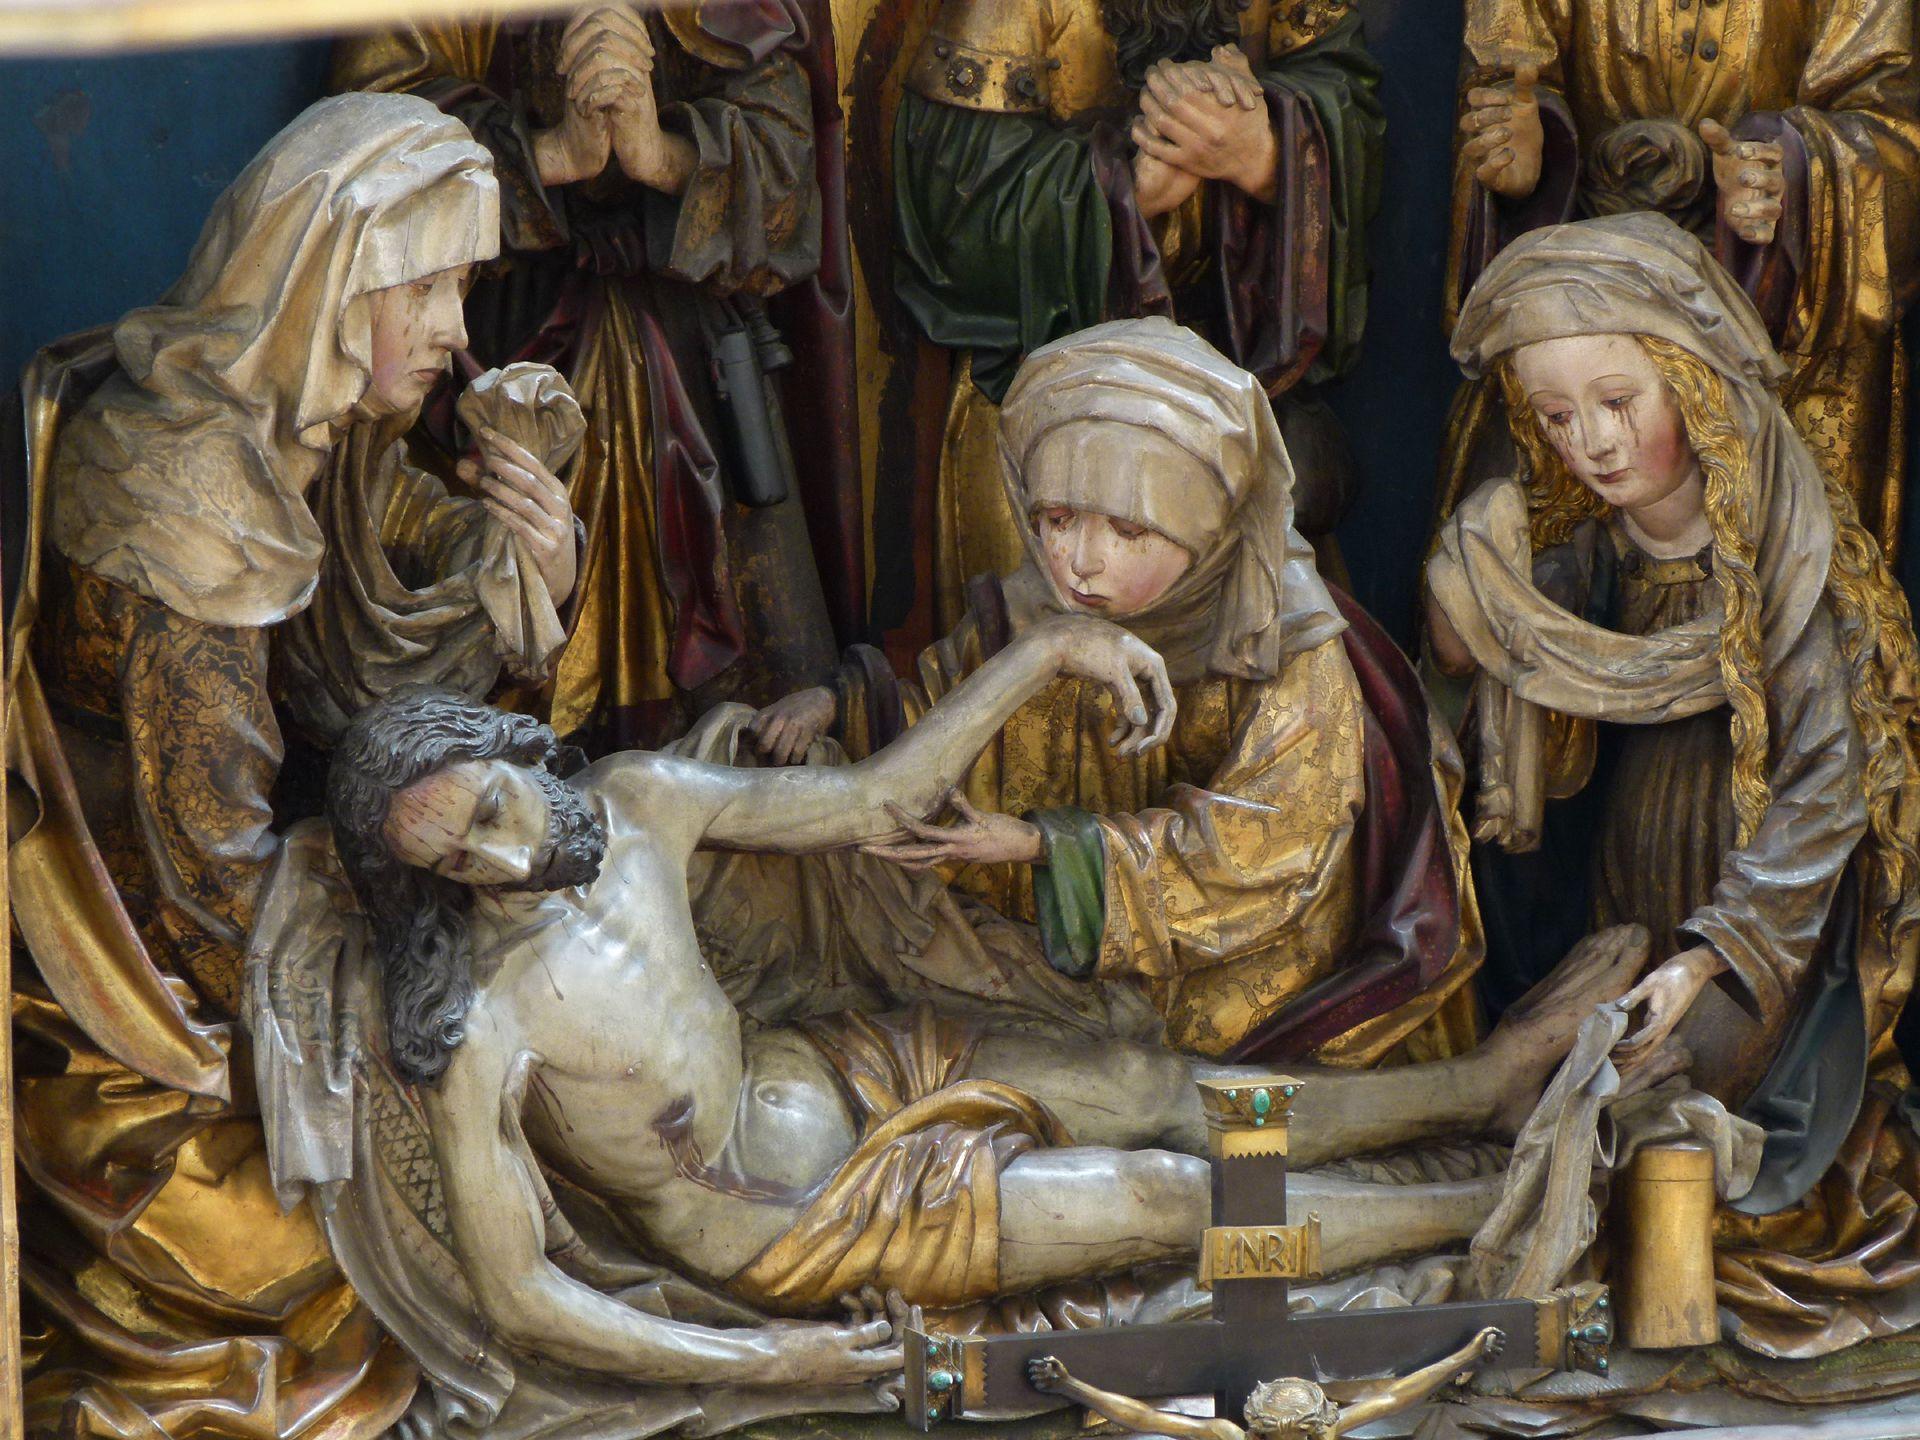 Peringsdörfer Altar Mittelschrein: Beweinung Christi mit den drei Marien, von l. nach r.: Jungfrau Maria, Maria Kleophas und Maria Magdalena